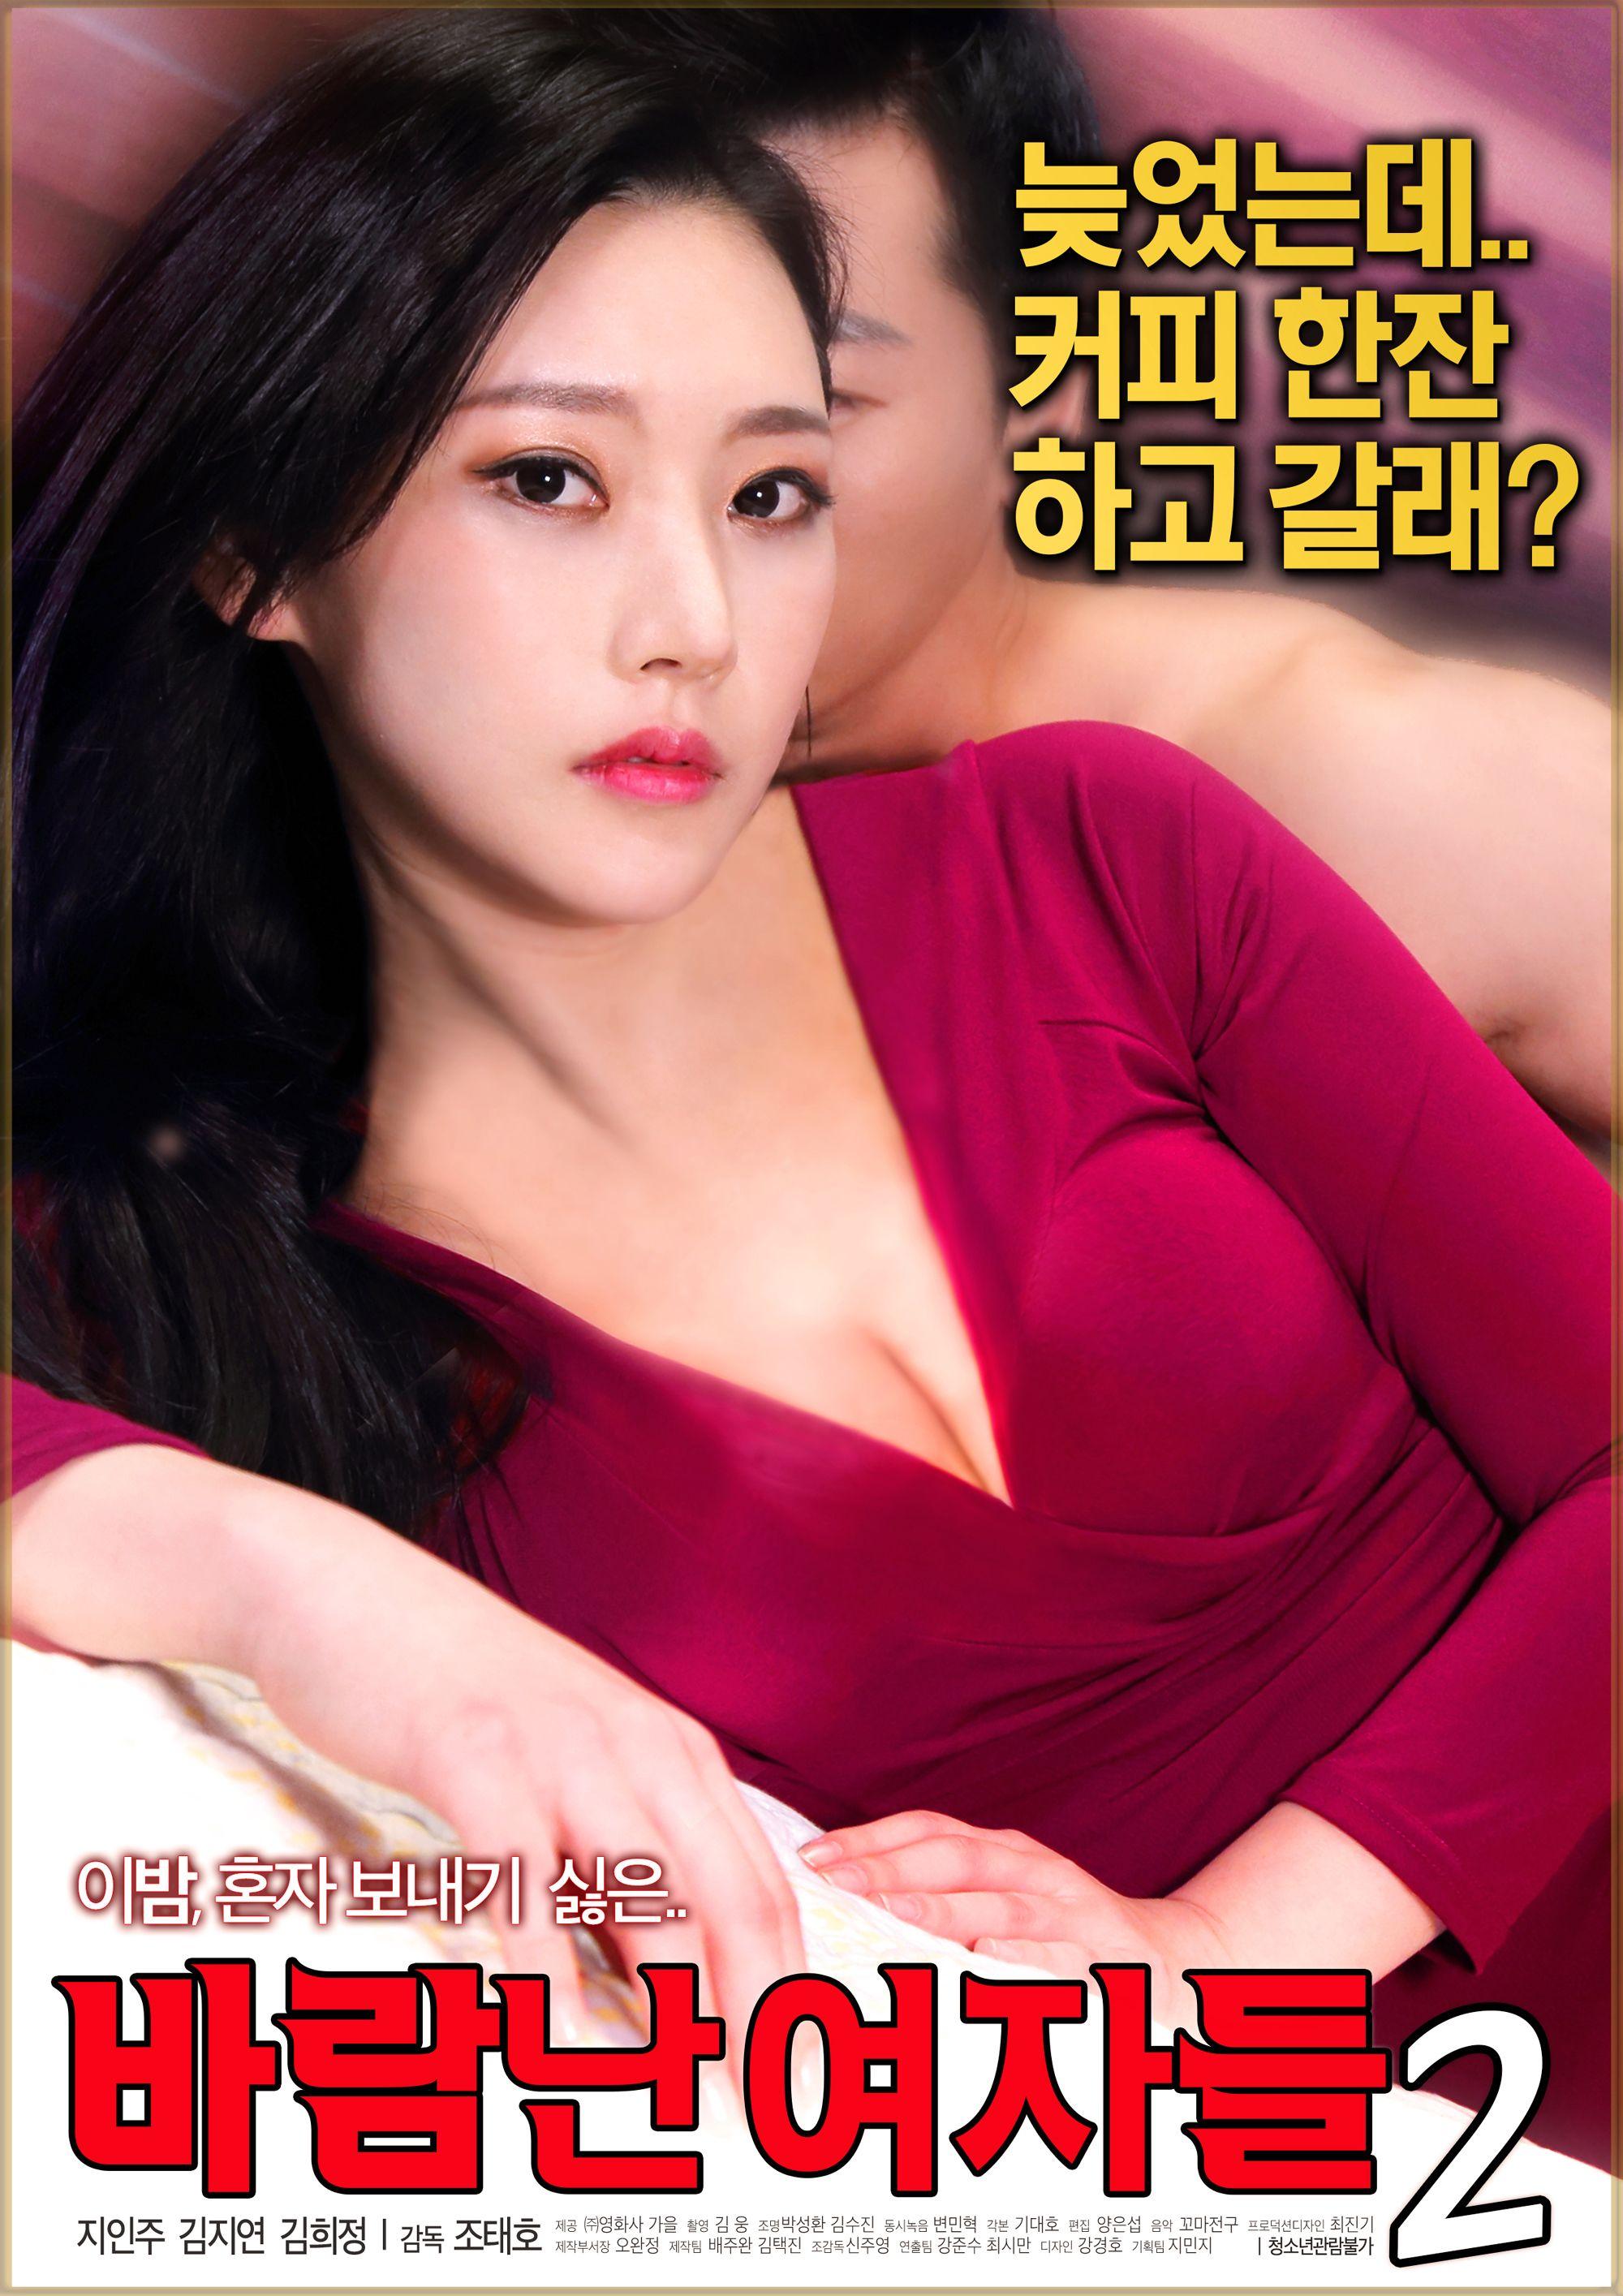 Xxi Indoxx1 Semi : indoxx1, Korean, Movies, Drama